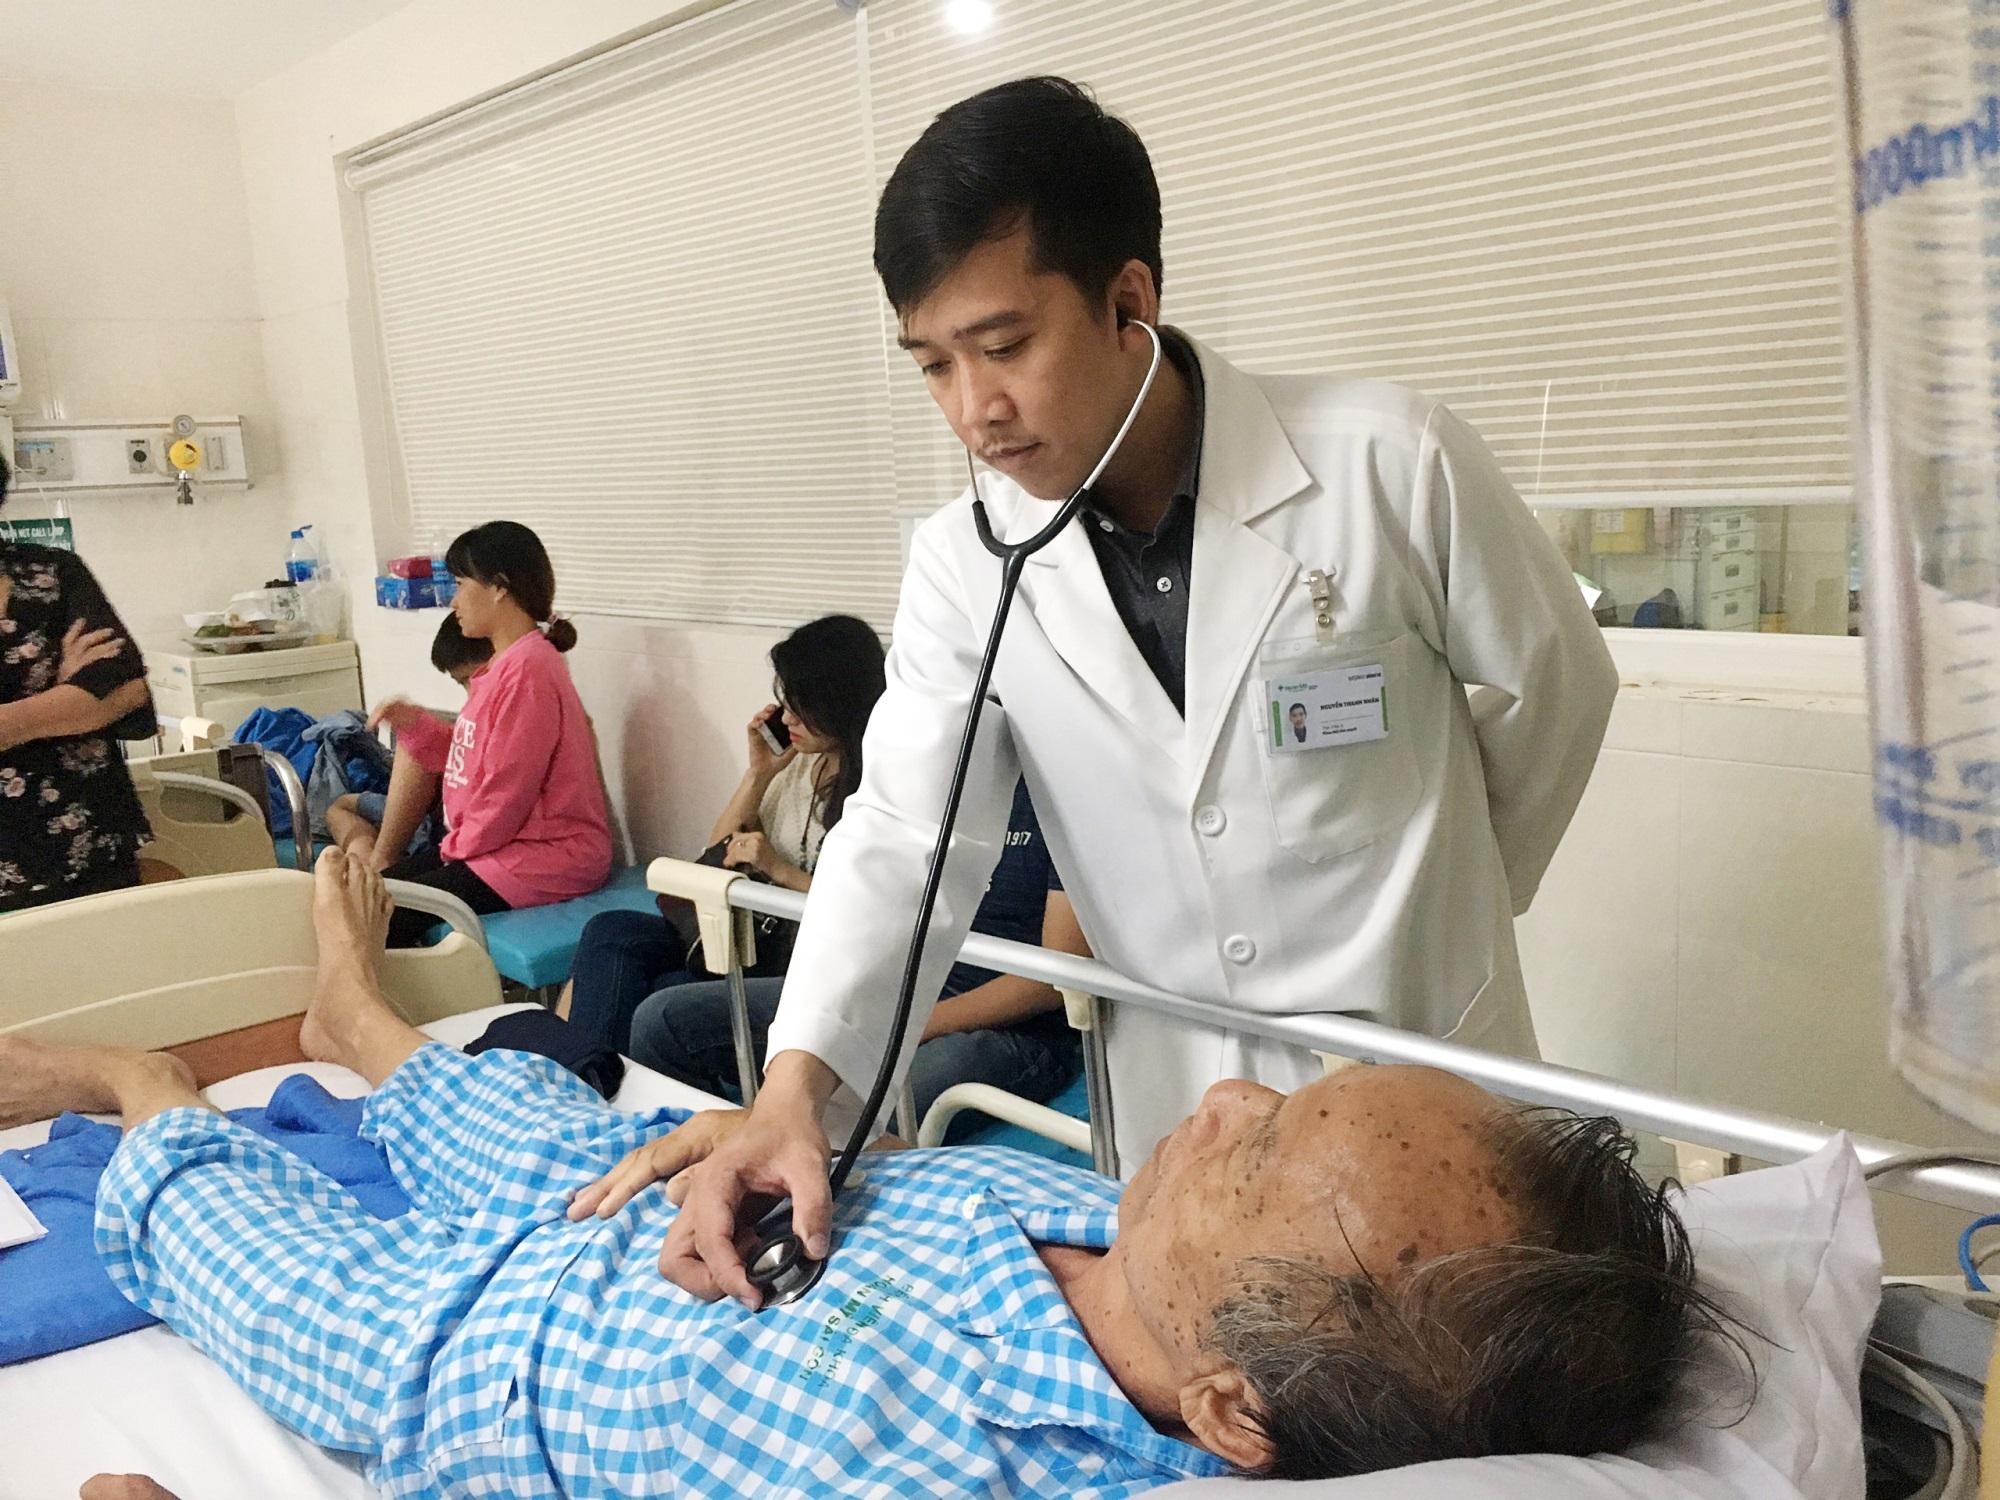 Cứu sống cụ ông 71 tuổi nhồi máu cơ tim, bất tỉnh tại sảnh bệnh viện, bác sĩ khuyến cáo cách phòng bệnh - Ảnh 3